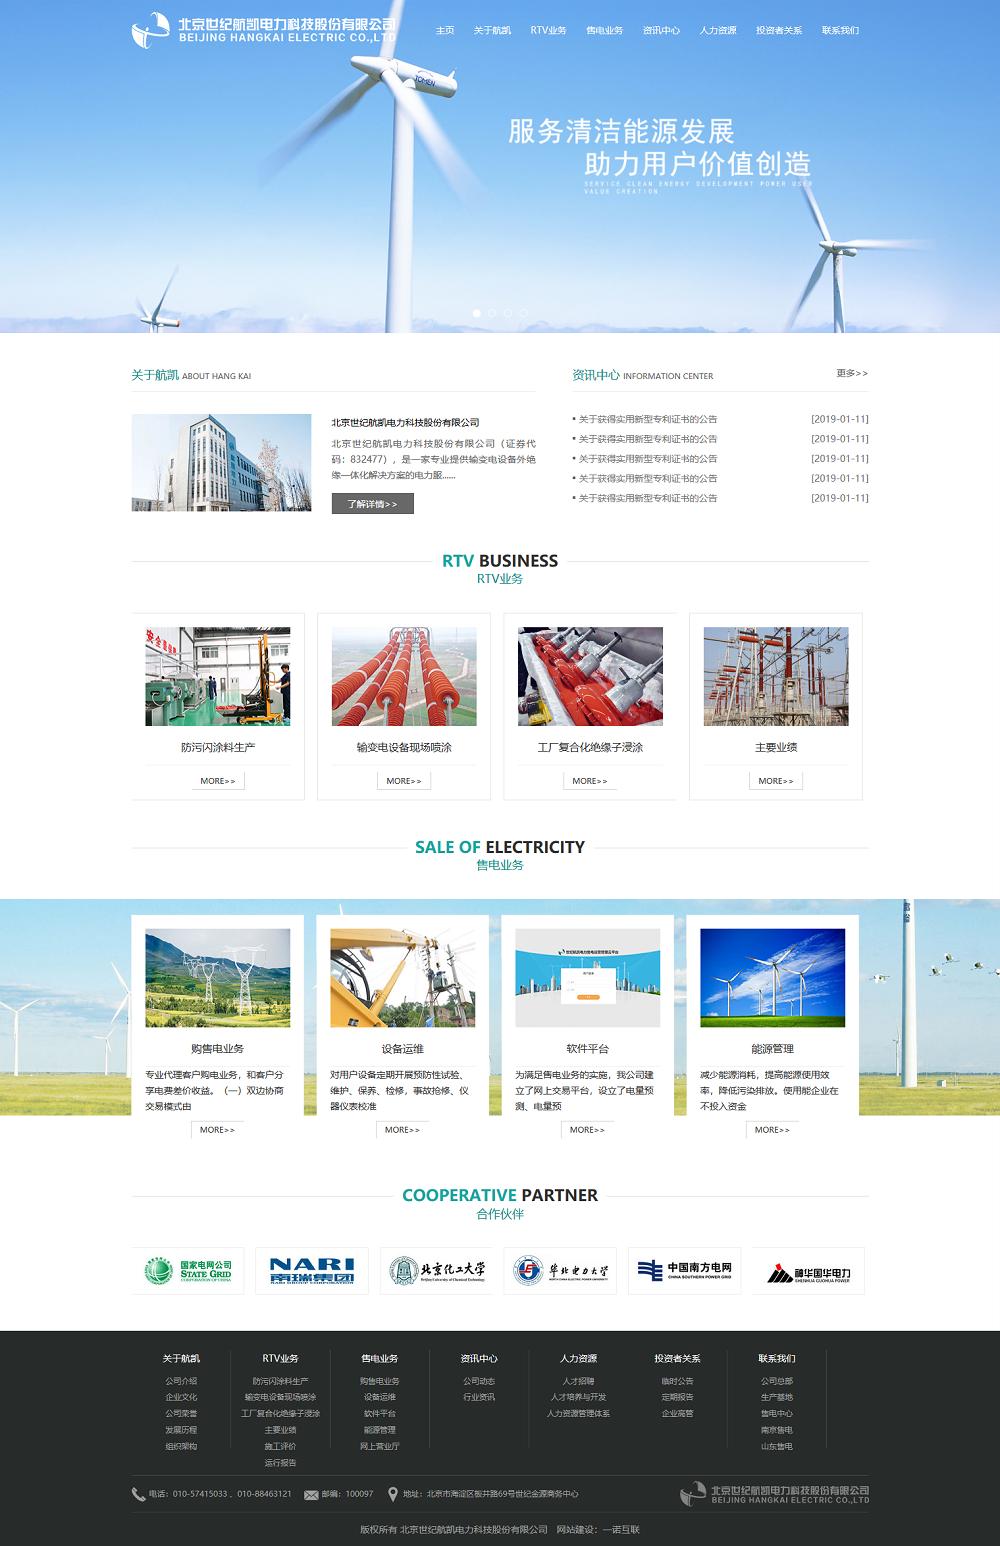 北京网站建设,网站优化公司,关键词优化